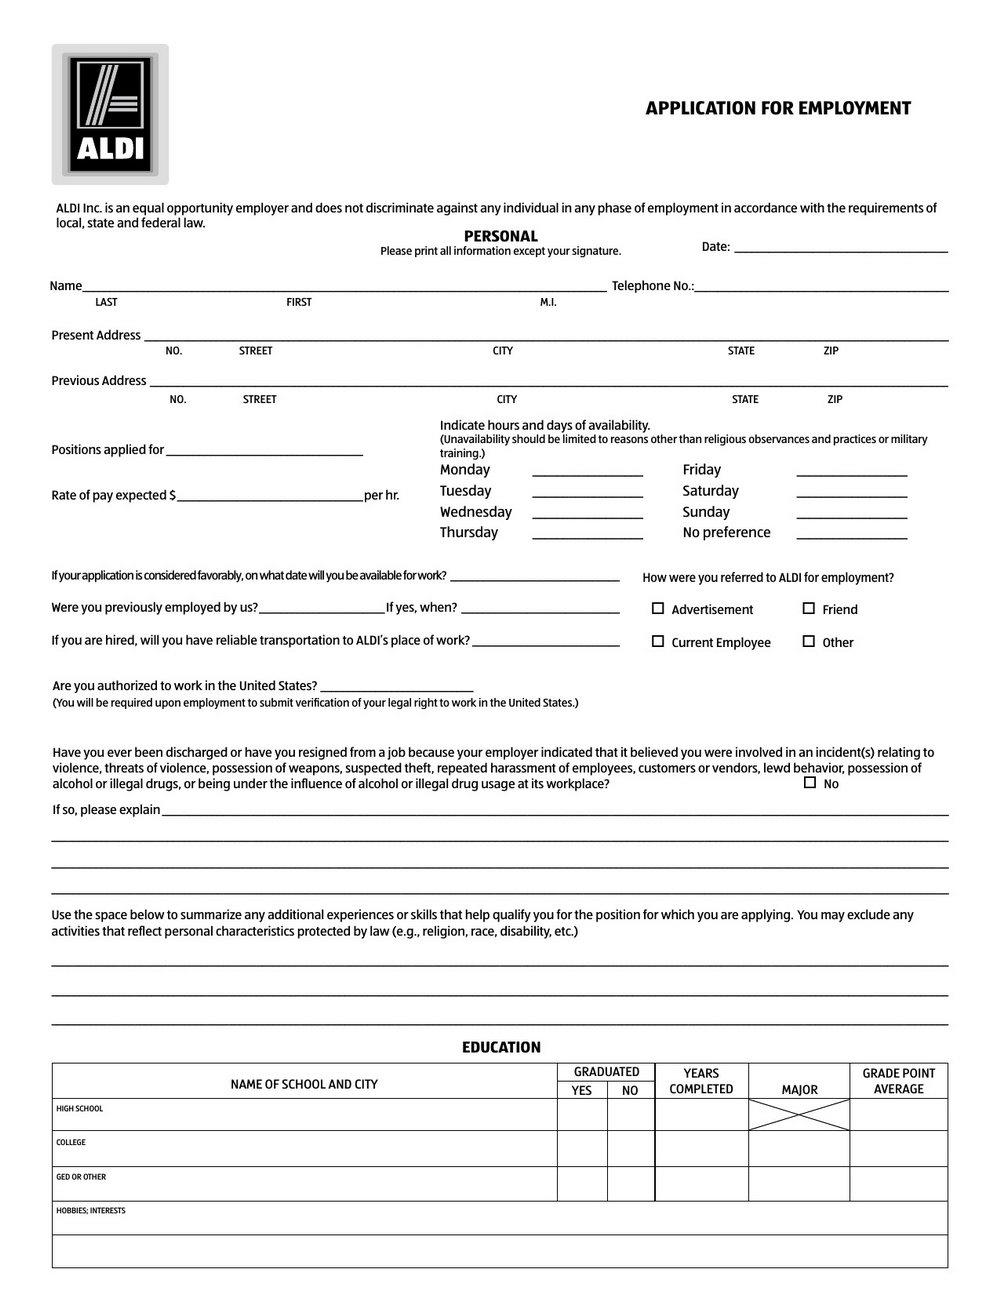 Job Aldi Application Form